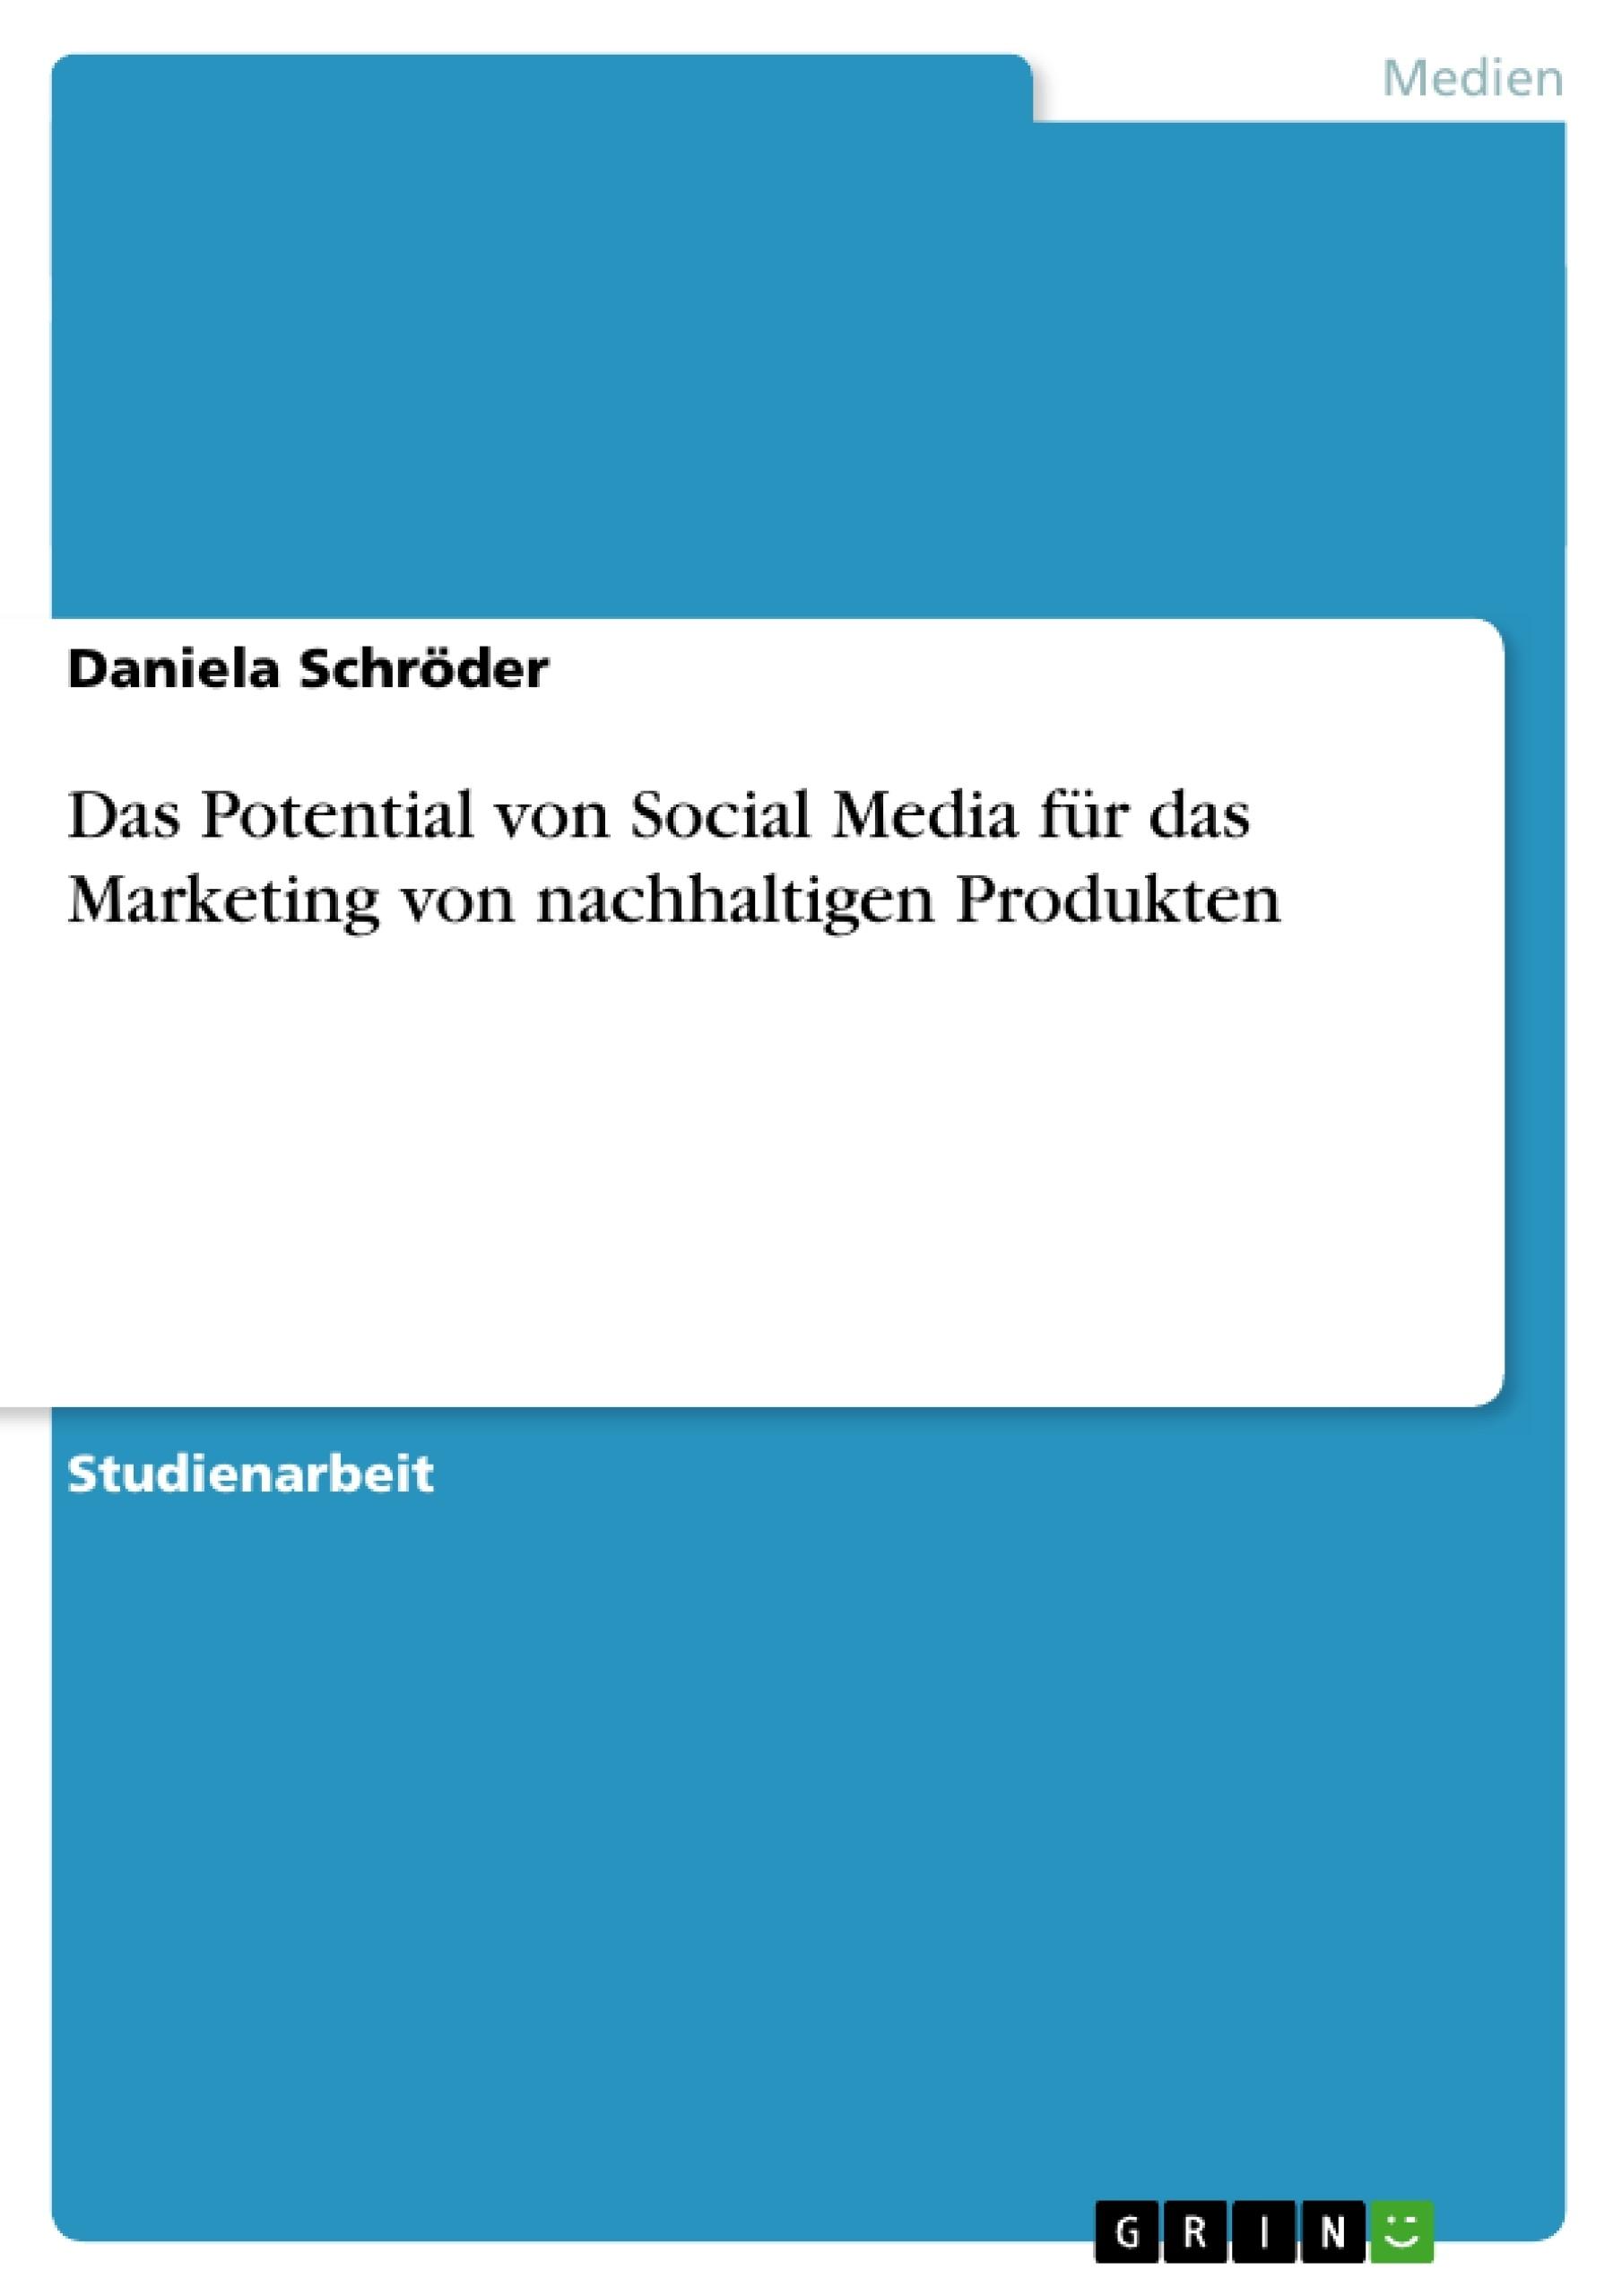 Titel: Das Potential von Social Media für das Marketing von nachhaltigen Produkten